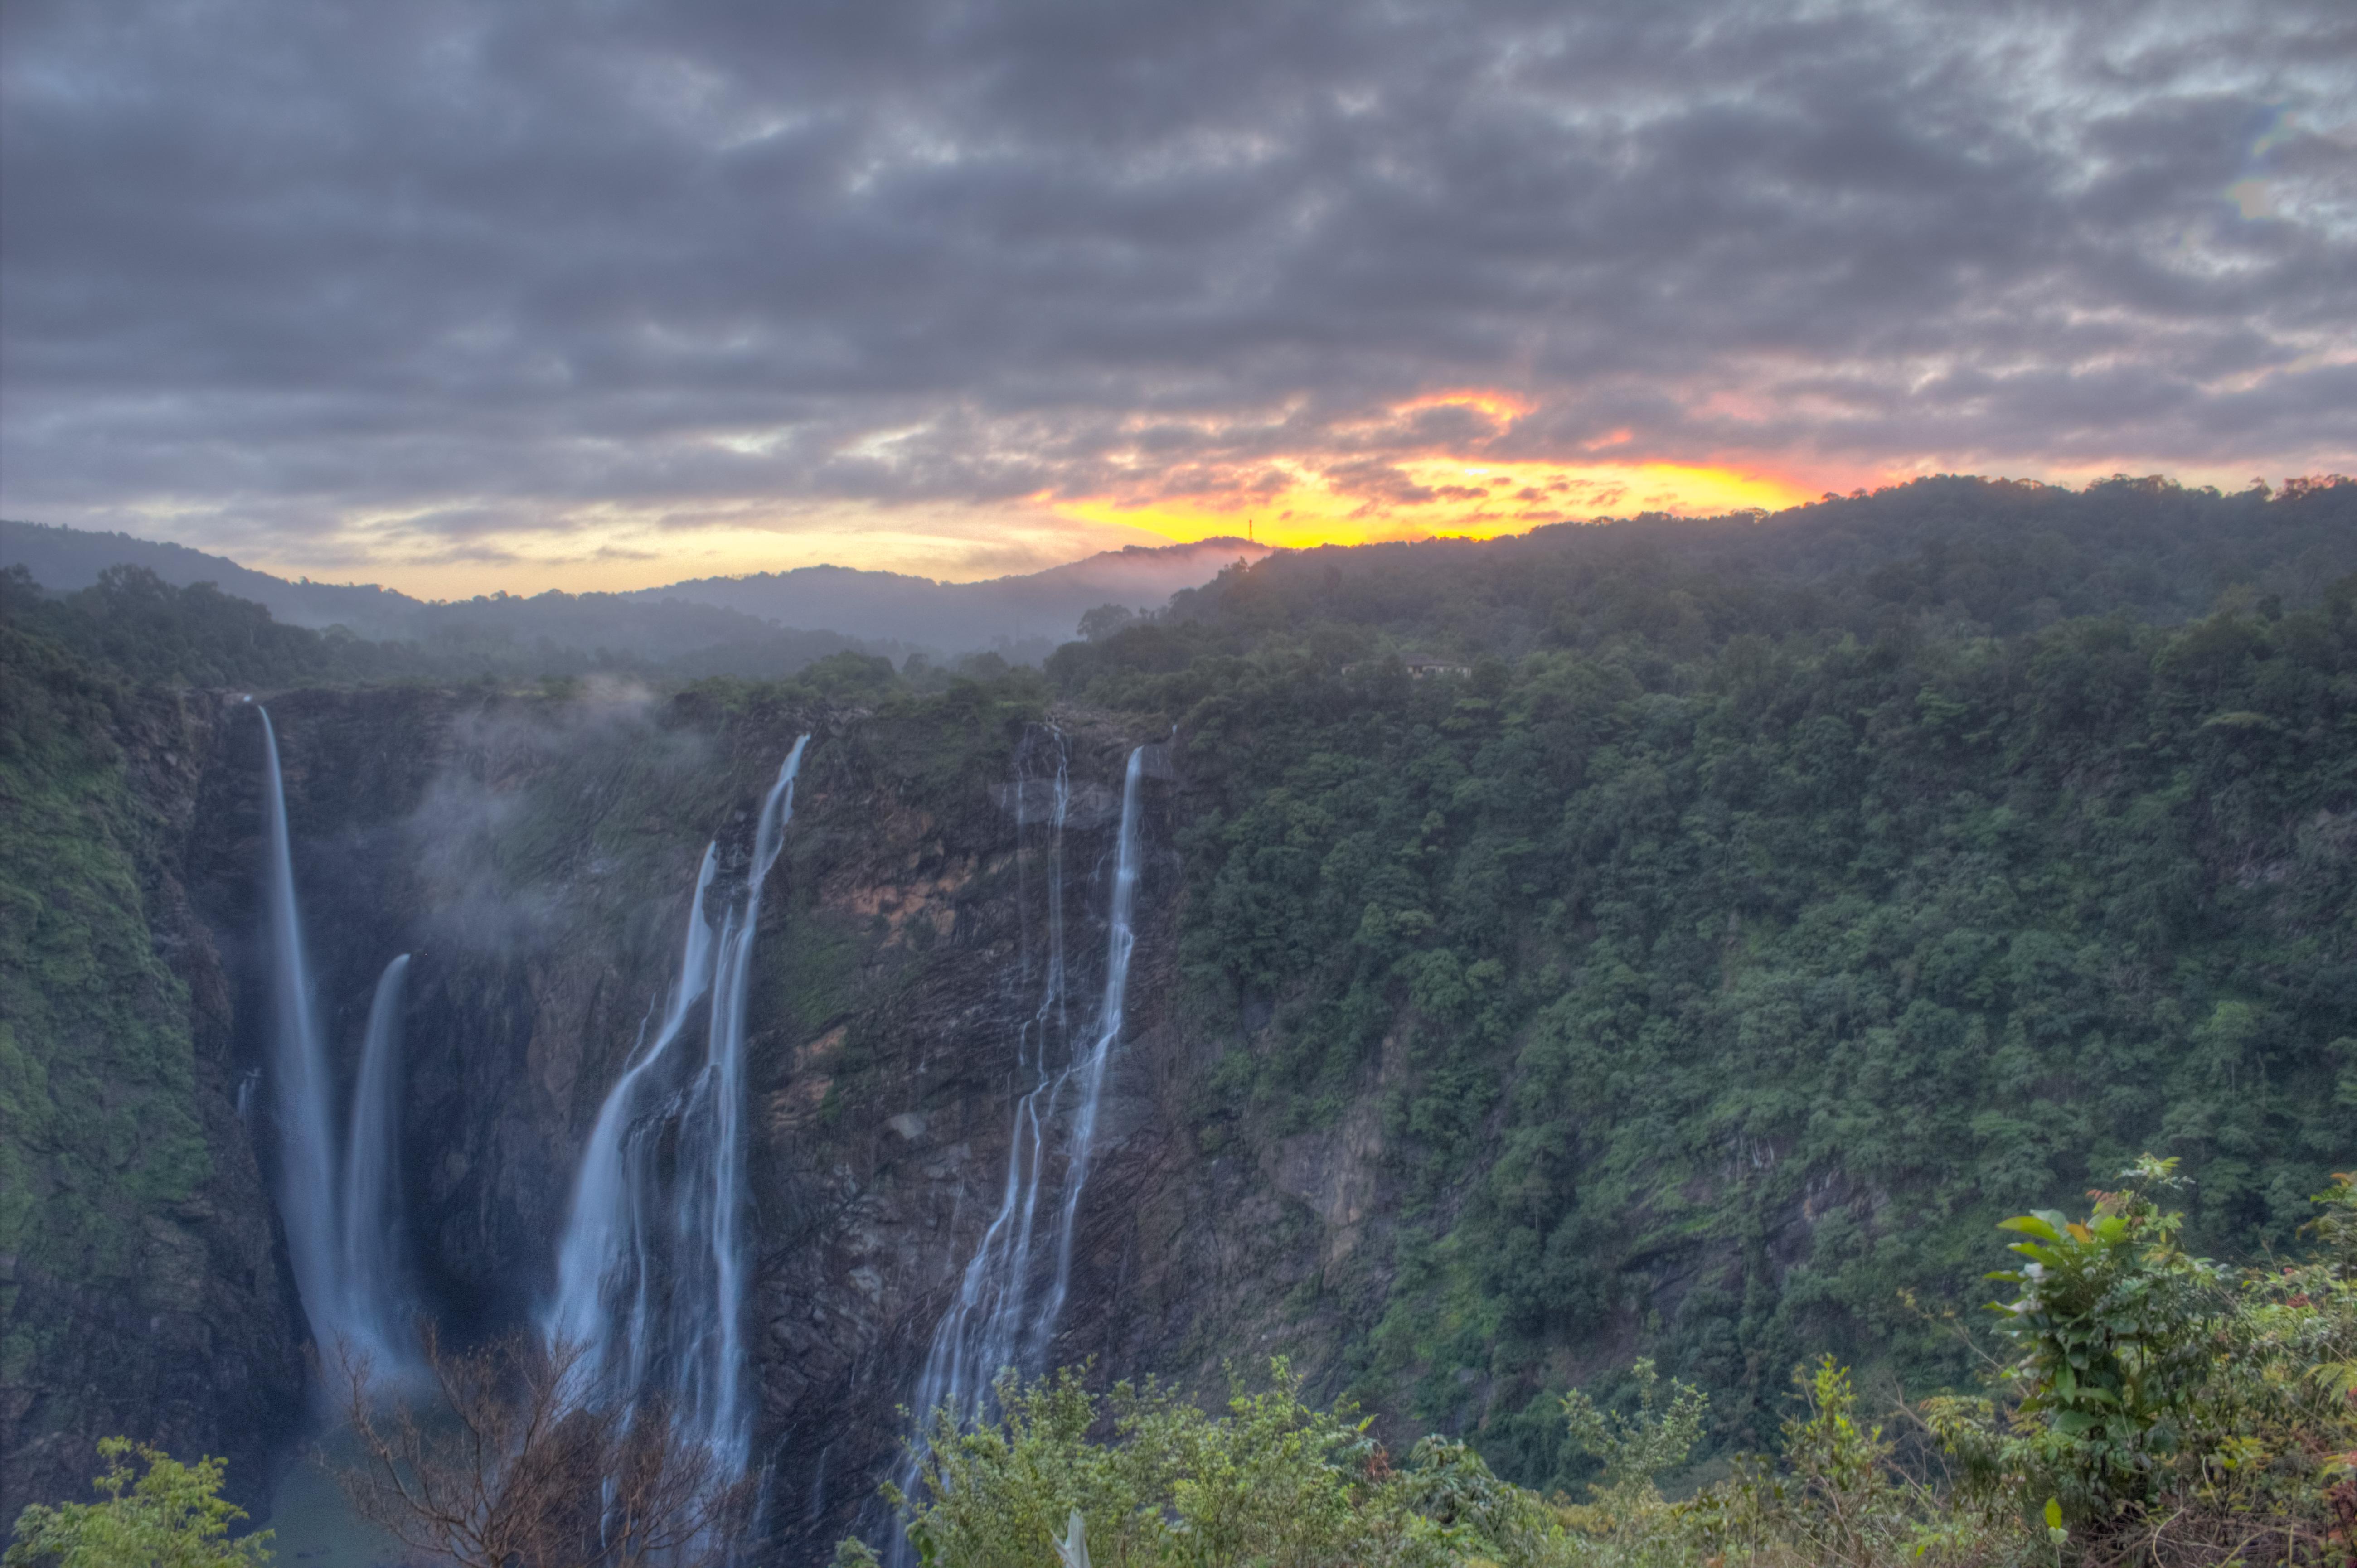 Gersoppa, Jog Falls, Kannada, Meghalaya, Nohkalikai, Sharavathi river, earth, hydroelectricity, power, qwelly, tourist, waterfall, გერსოპა, დედამიწა, ვატი, ვედებამდელი ჩანჩქერი, ინდოეთი, იოგა, კარნატაკი, მდინარე შირავატი, მეგჰალაია, საგარა, სახიადრის მთები, სიმძლავრე, ტურისტი, ჯოგი, ჰიდროელექტროსადგური, qwellyland